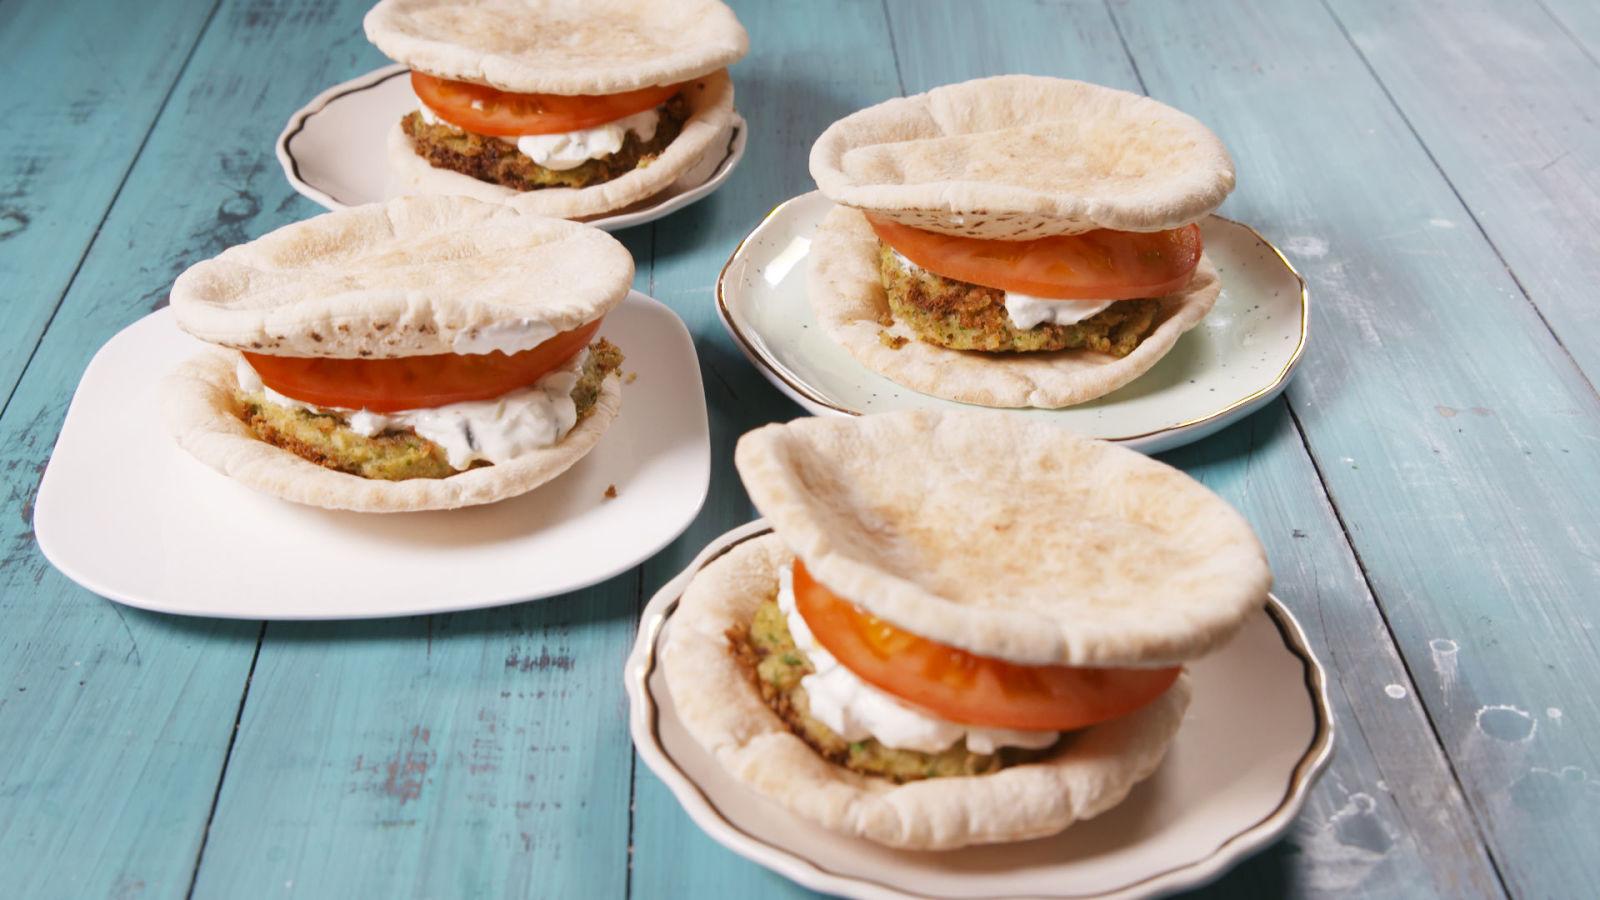 Best Falafel Burgers Recipe - How To Make Falafel - Delish.com